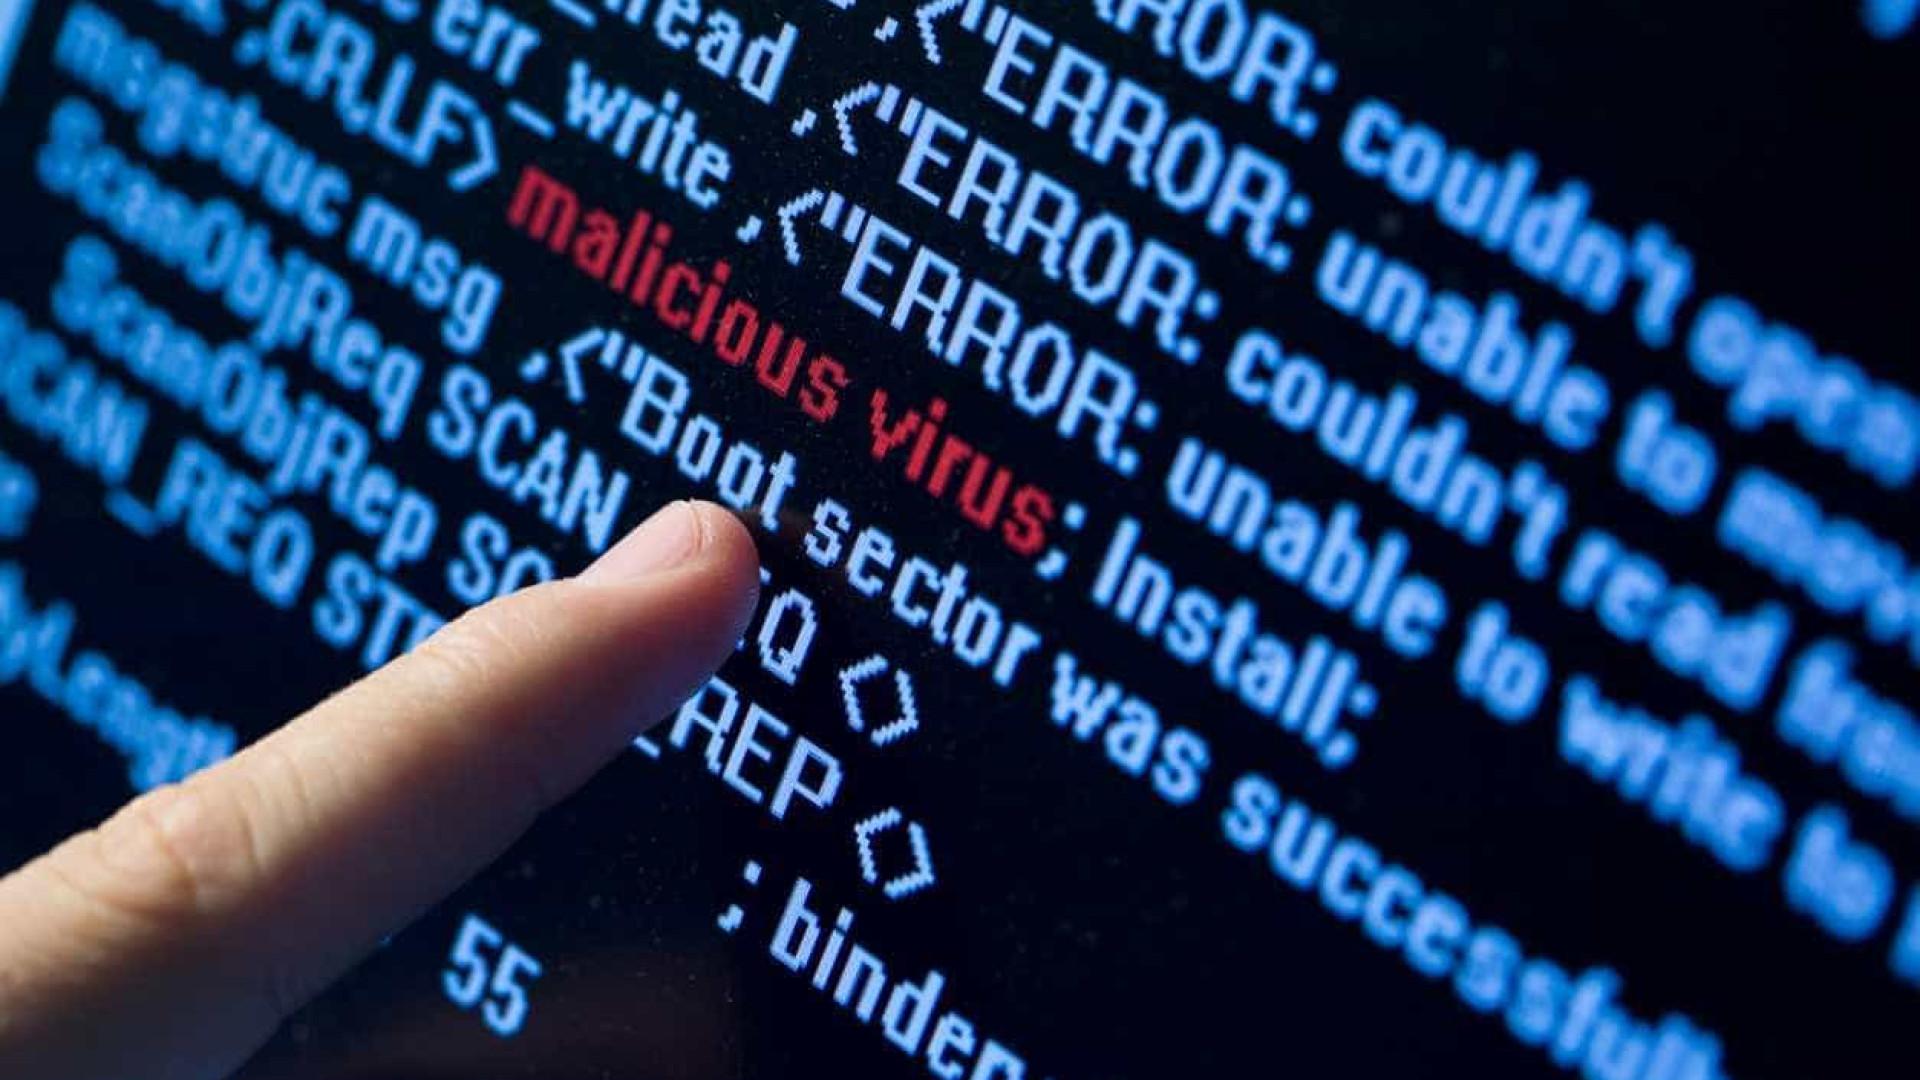 Peritos já sabem como restaurar ficheiros danificados pelo 'WannaCry'